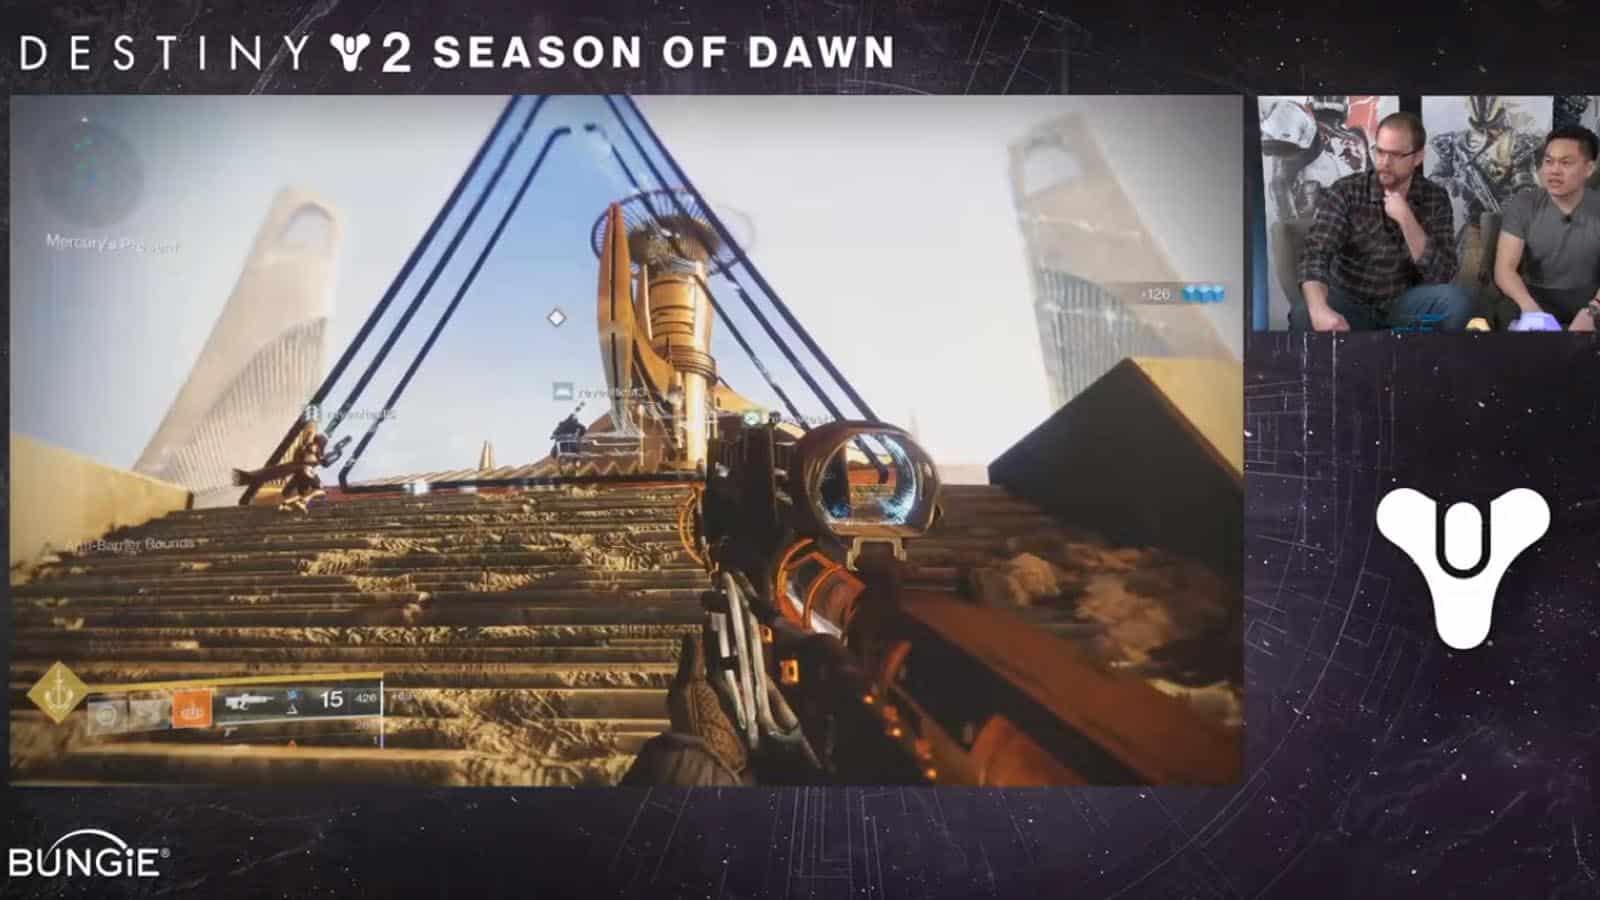 destiny 2 sundial event